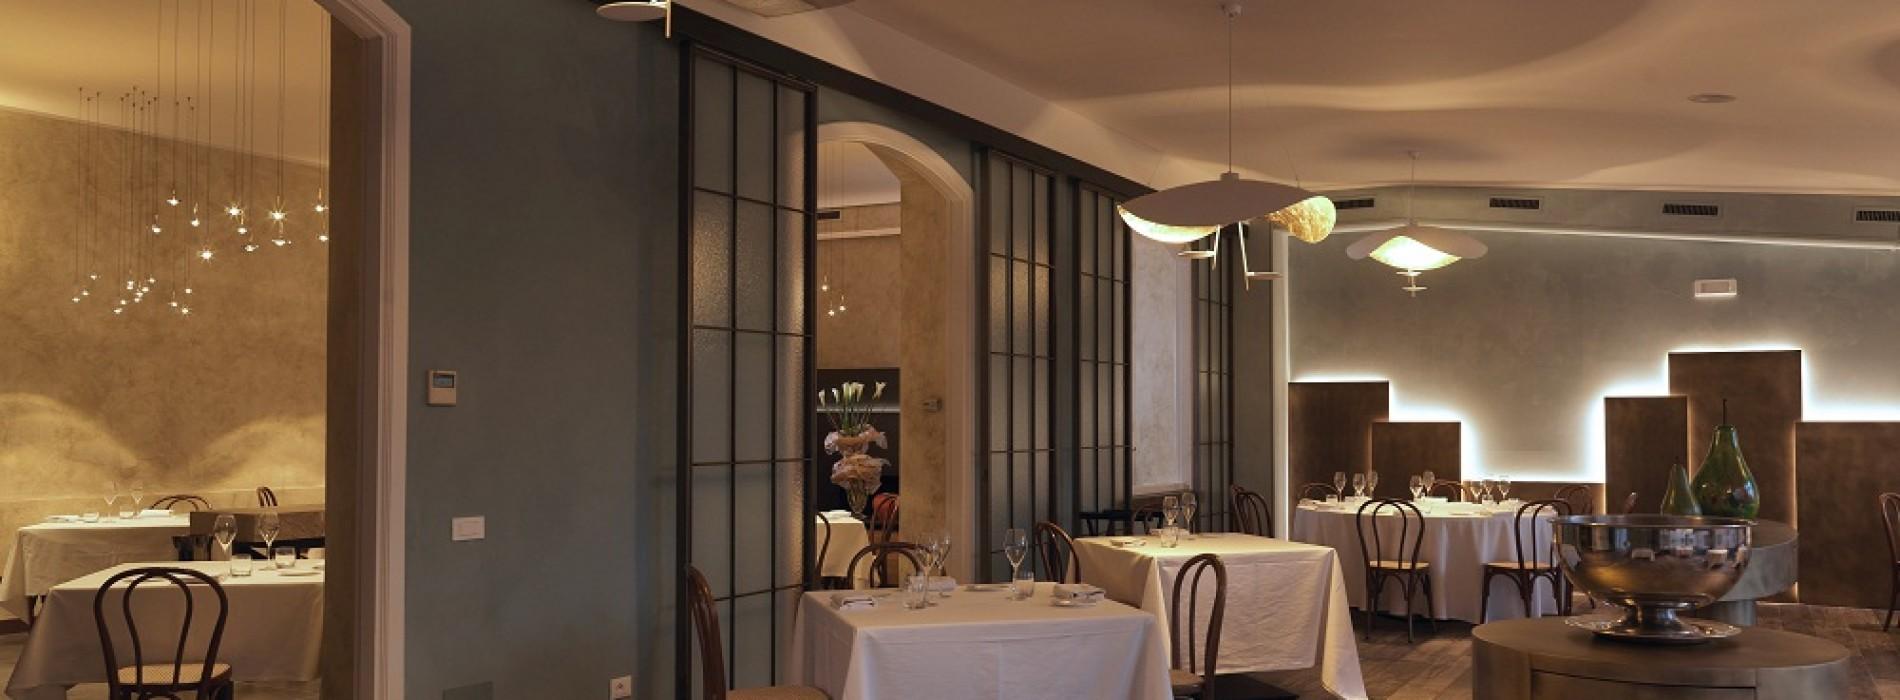 Mudec Restaurant Milano, lo chef stellato Bartolini approda al Museo di via Tortona